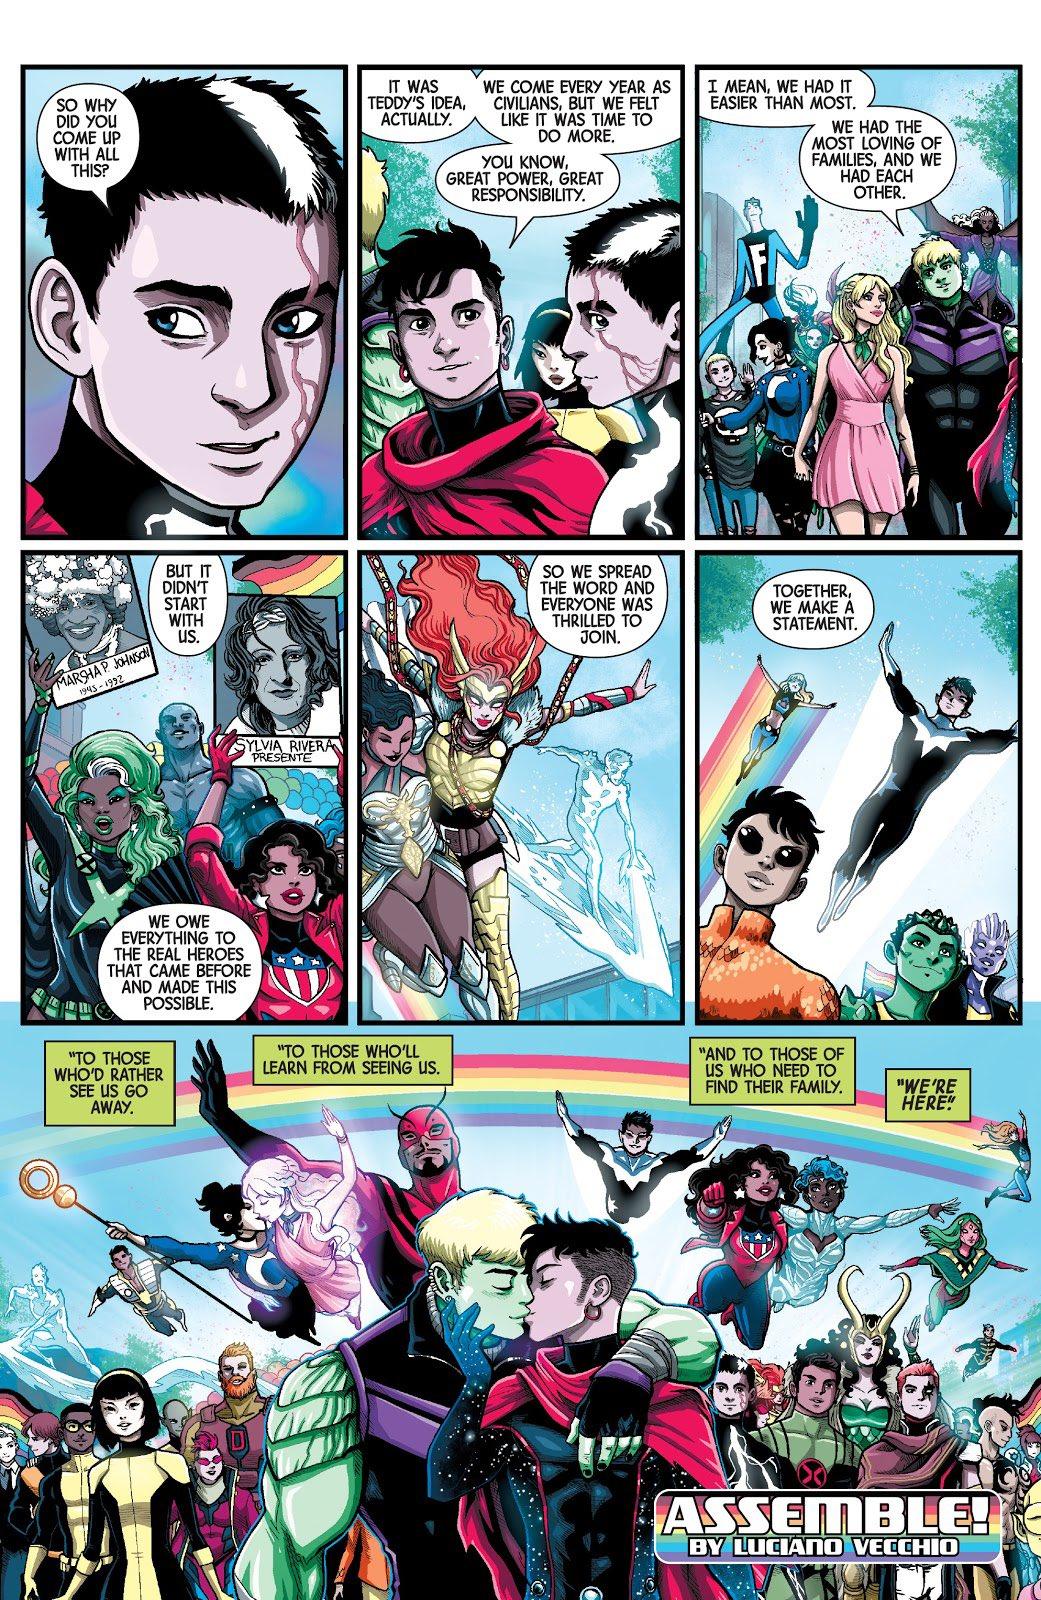 Marvel's voices: Pride Luciano vecchio artista argentino